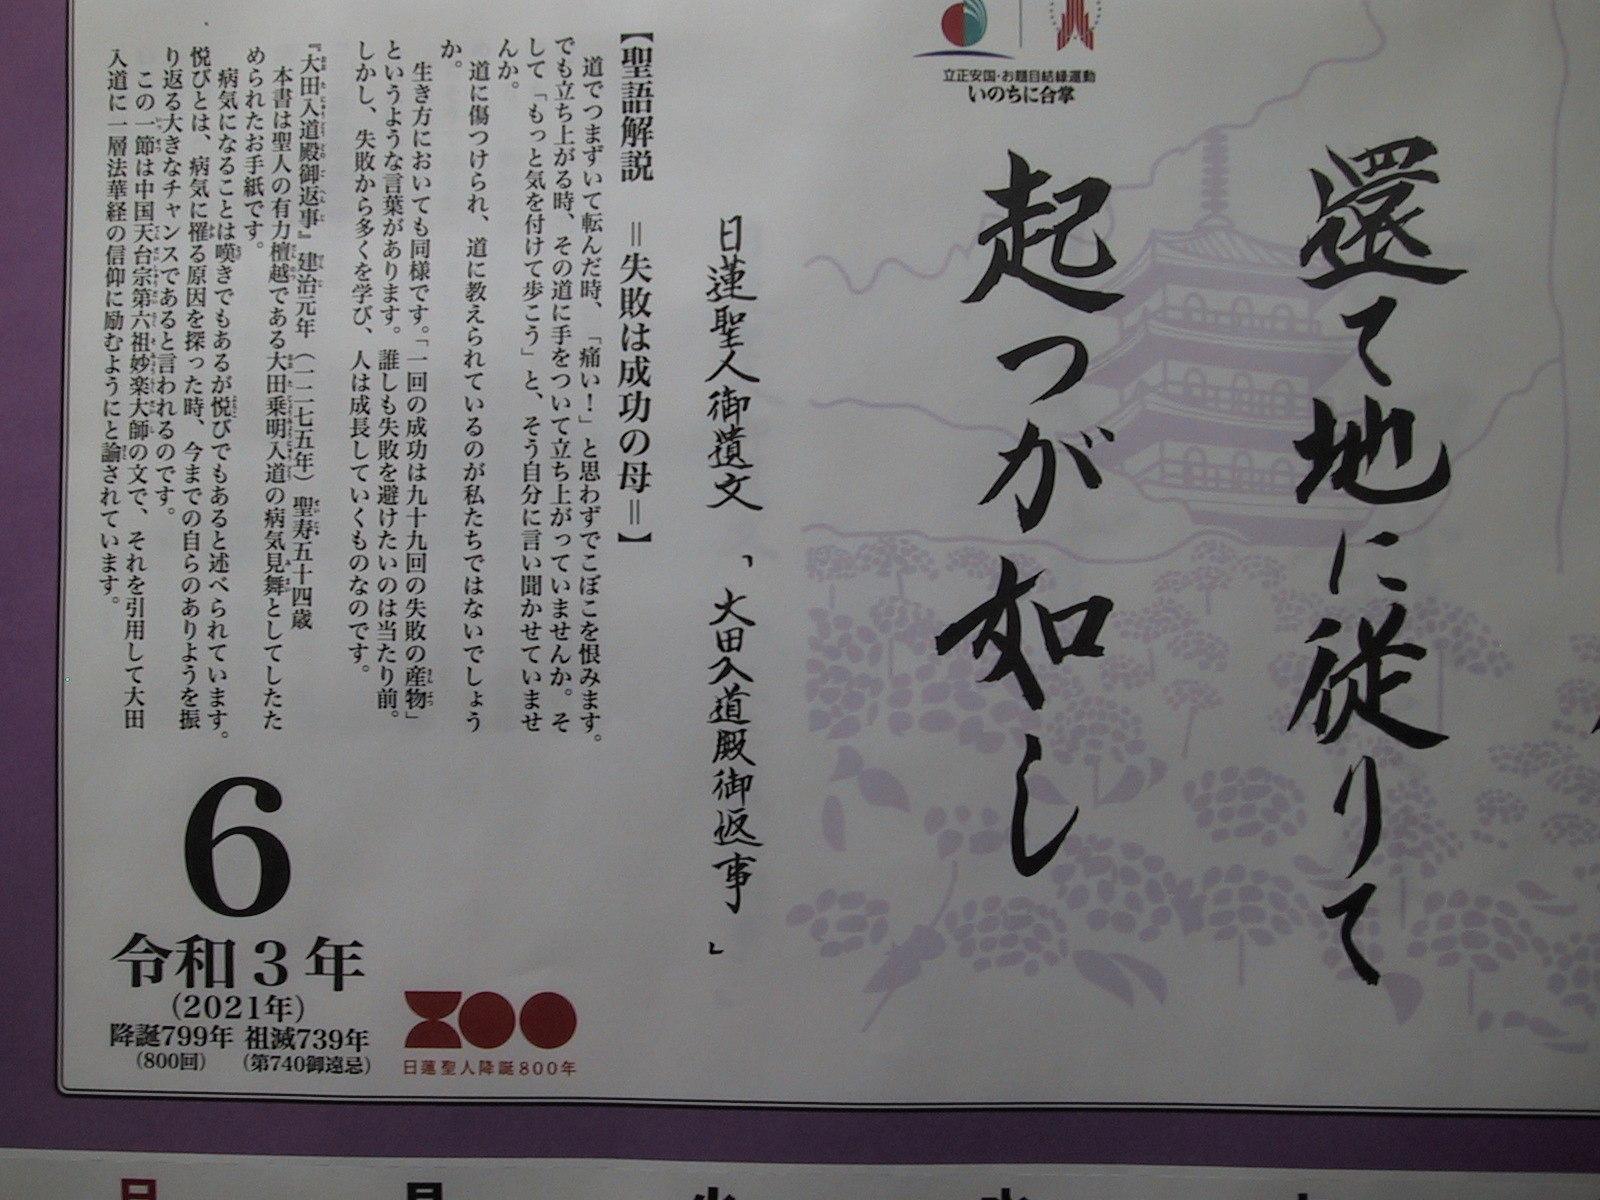 石川で震度1 能登震源地_b0398201_17014029.jpg